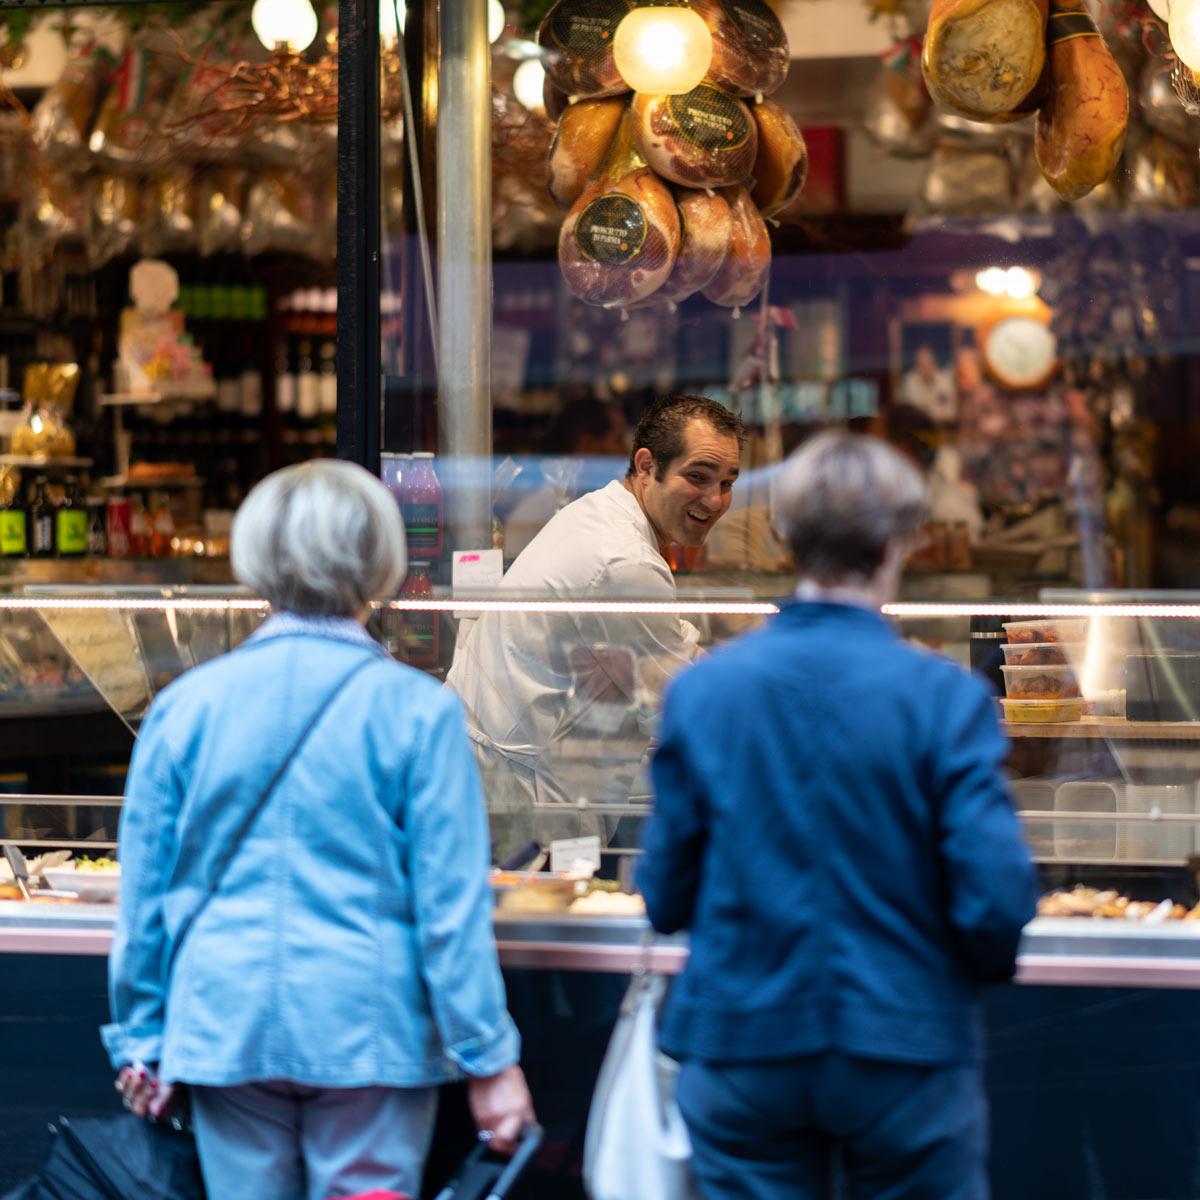 Butcher Shop, Rue Montmartre Paris, France